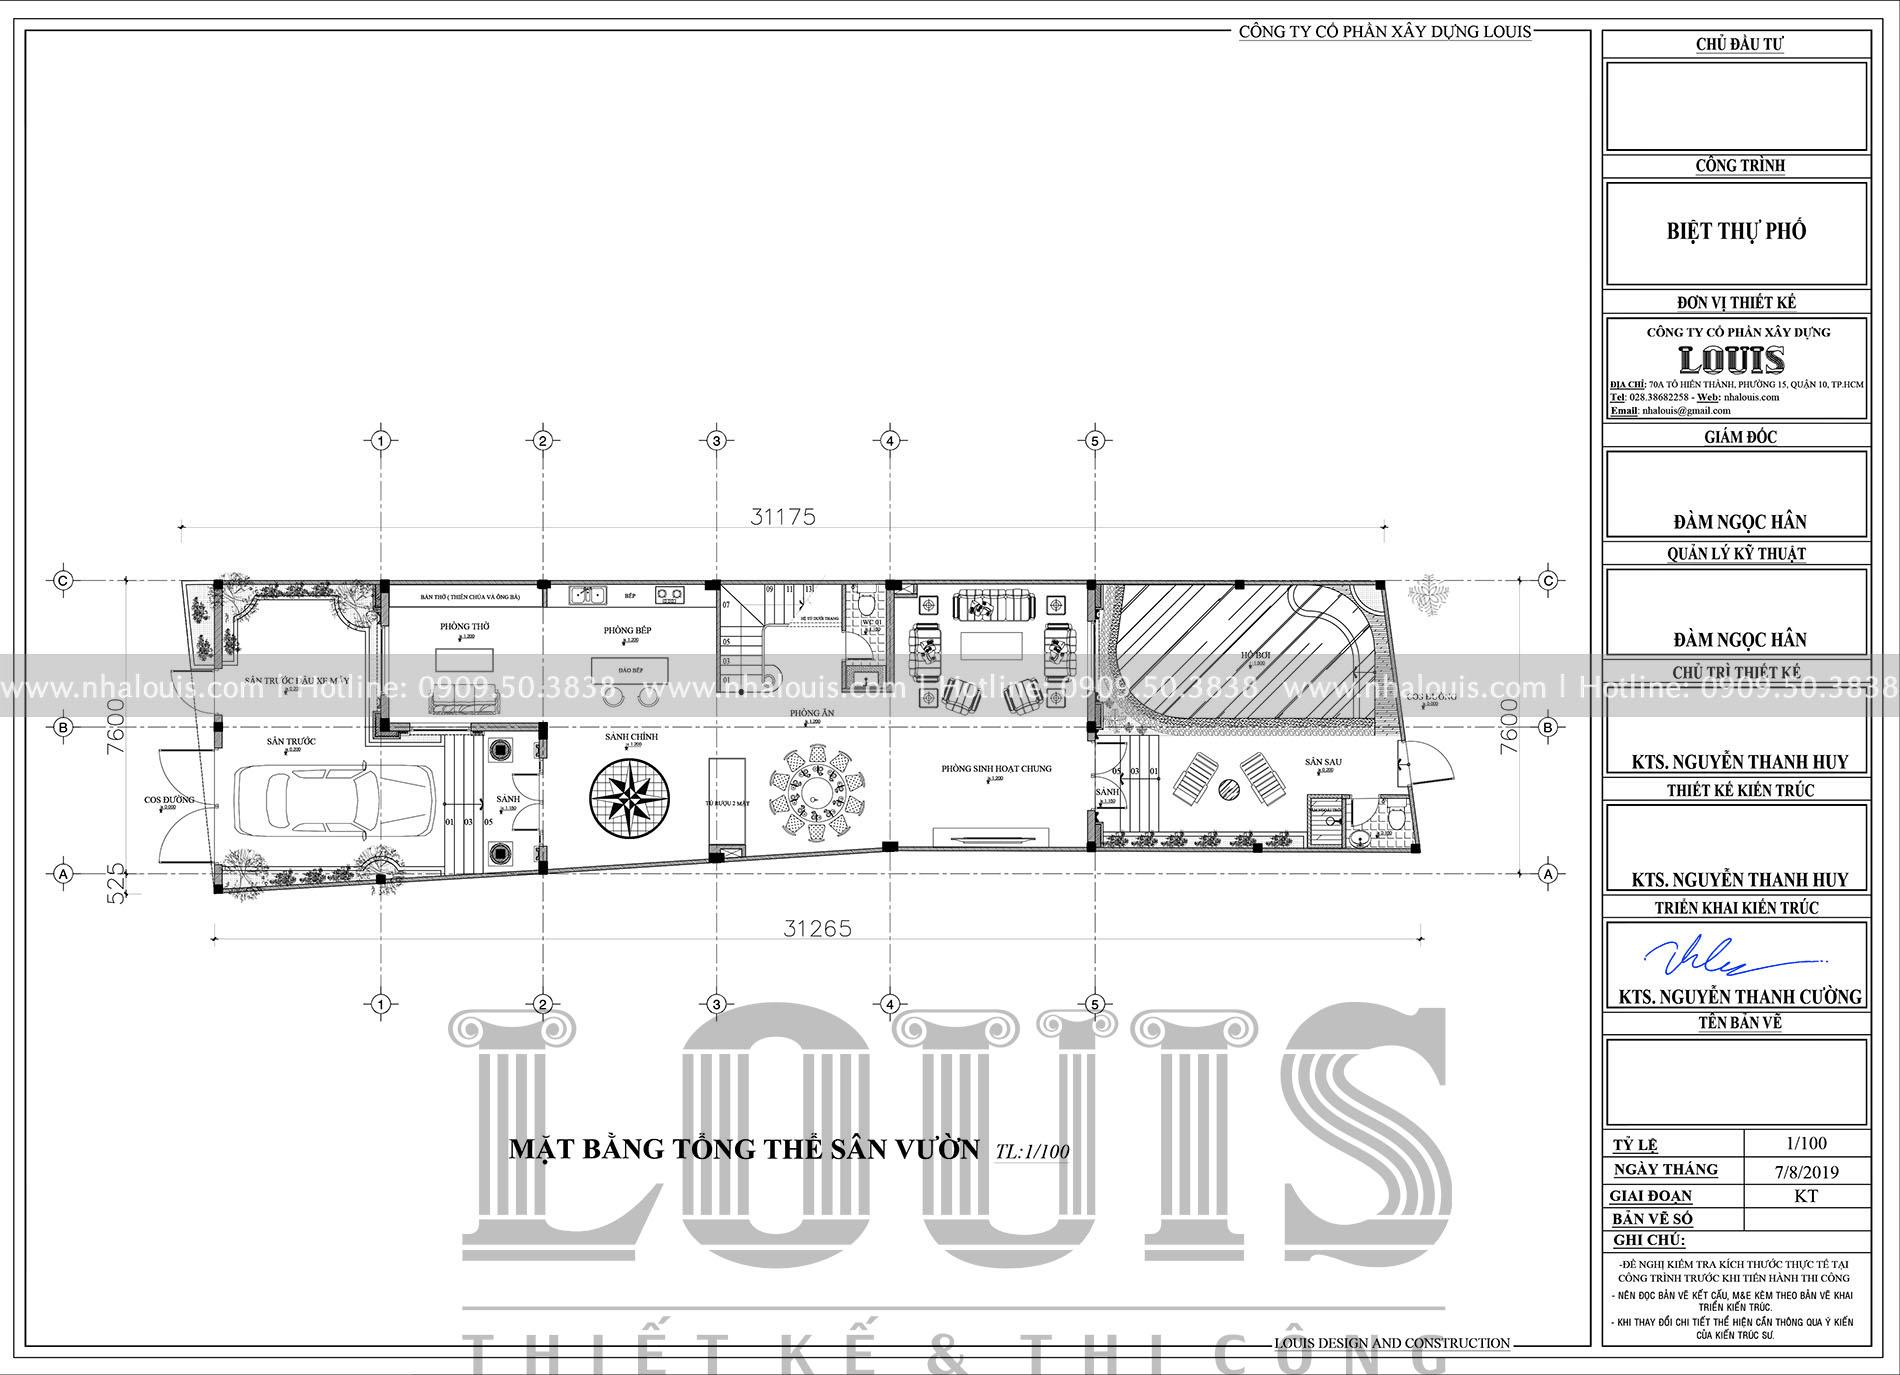 [Tham khảo] - Mặt bằng biệt thự đẹp và đa dạng quy mô dành cho gia chủ sắp xây nhà